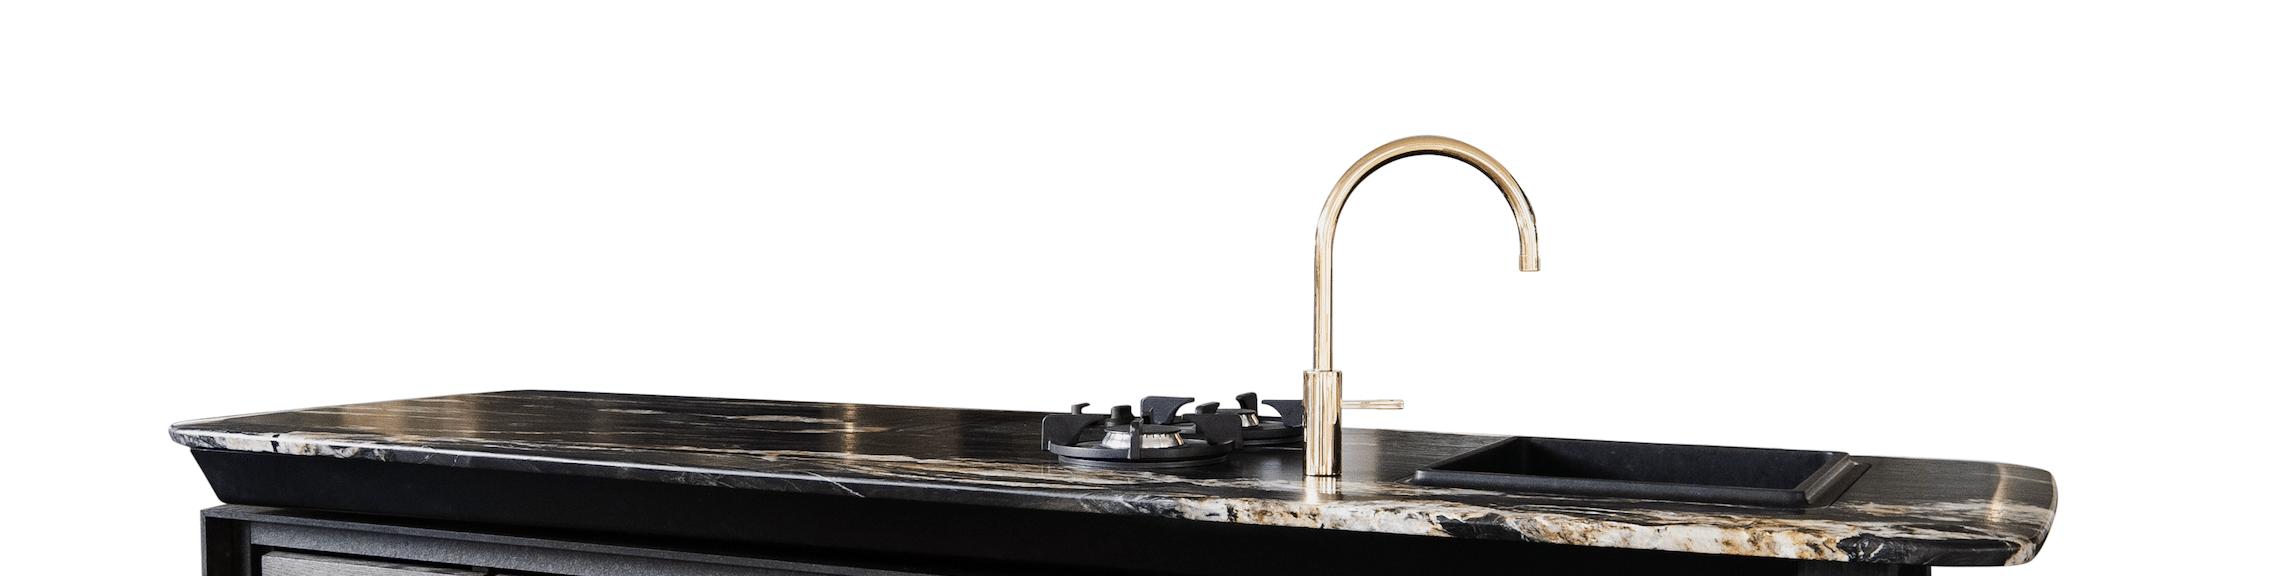 """Die Küche """"Turntable"""" kann In- und Outdoor und vereint optische Lockerheit mit kompakter Funktionalität. Arbeitsplatte und Fronten bestehen aus frostsicherem """"Golden Viper""""-Granit. Die Raffinesse: Der Unterbau wird zum """"Turntable"""" und damit eine erweiterte Arbeitsfläche."""